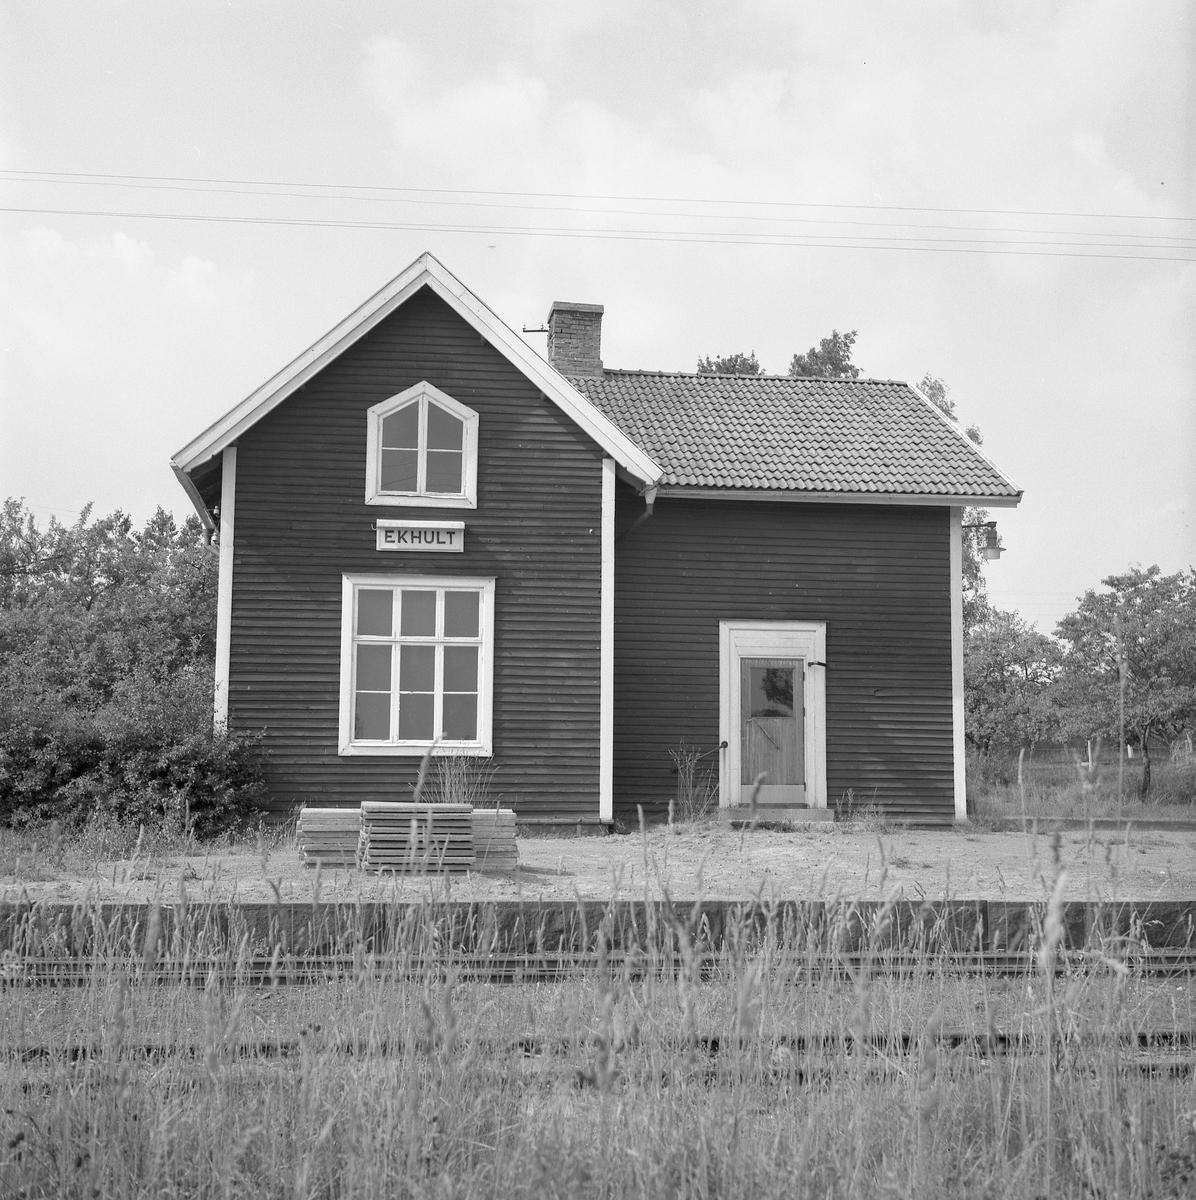 Hållplats anlagd 1905. Envånings stationshus i trä, byggt i vinkel